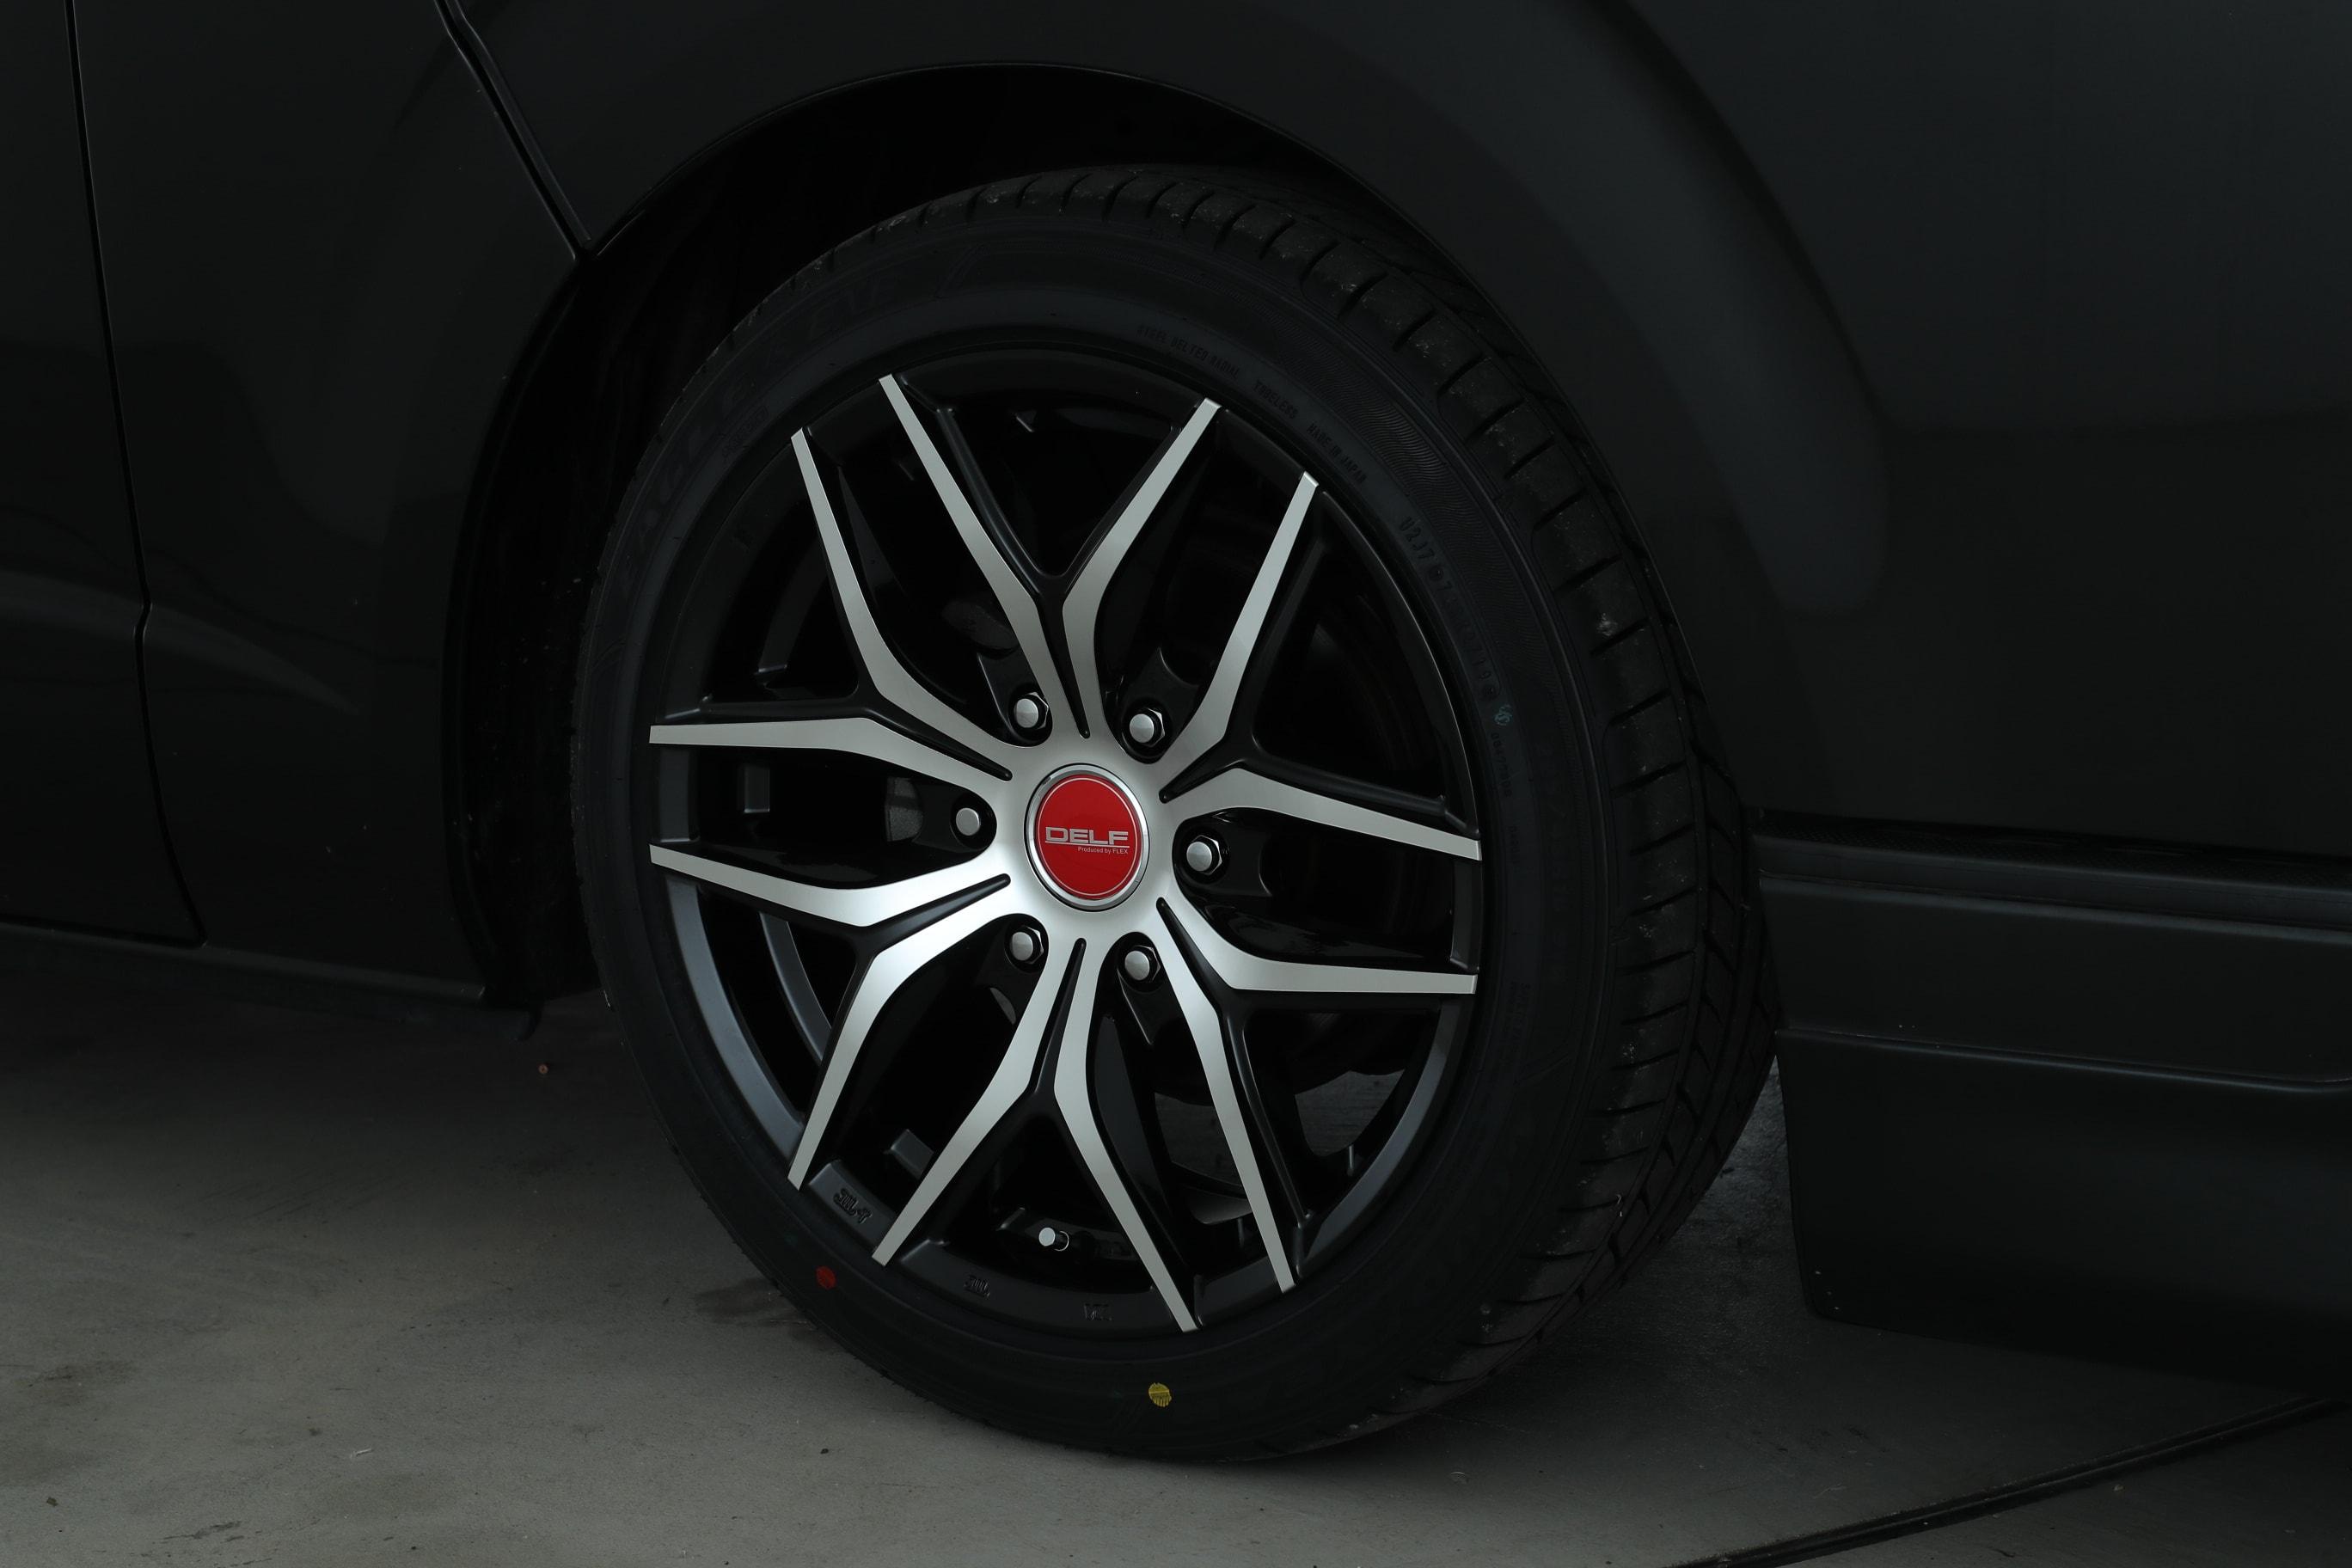 【車好きがこだわる】FLEXオリジナル ハイエース DELF01 センターキャップ